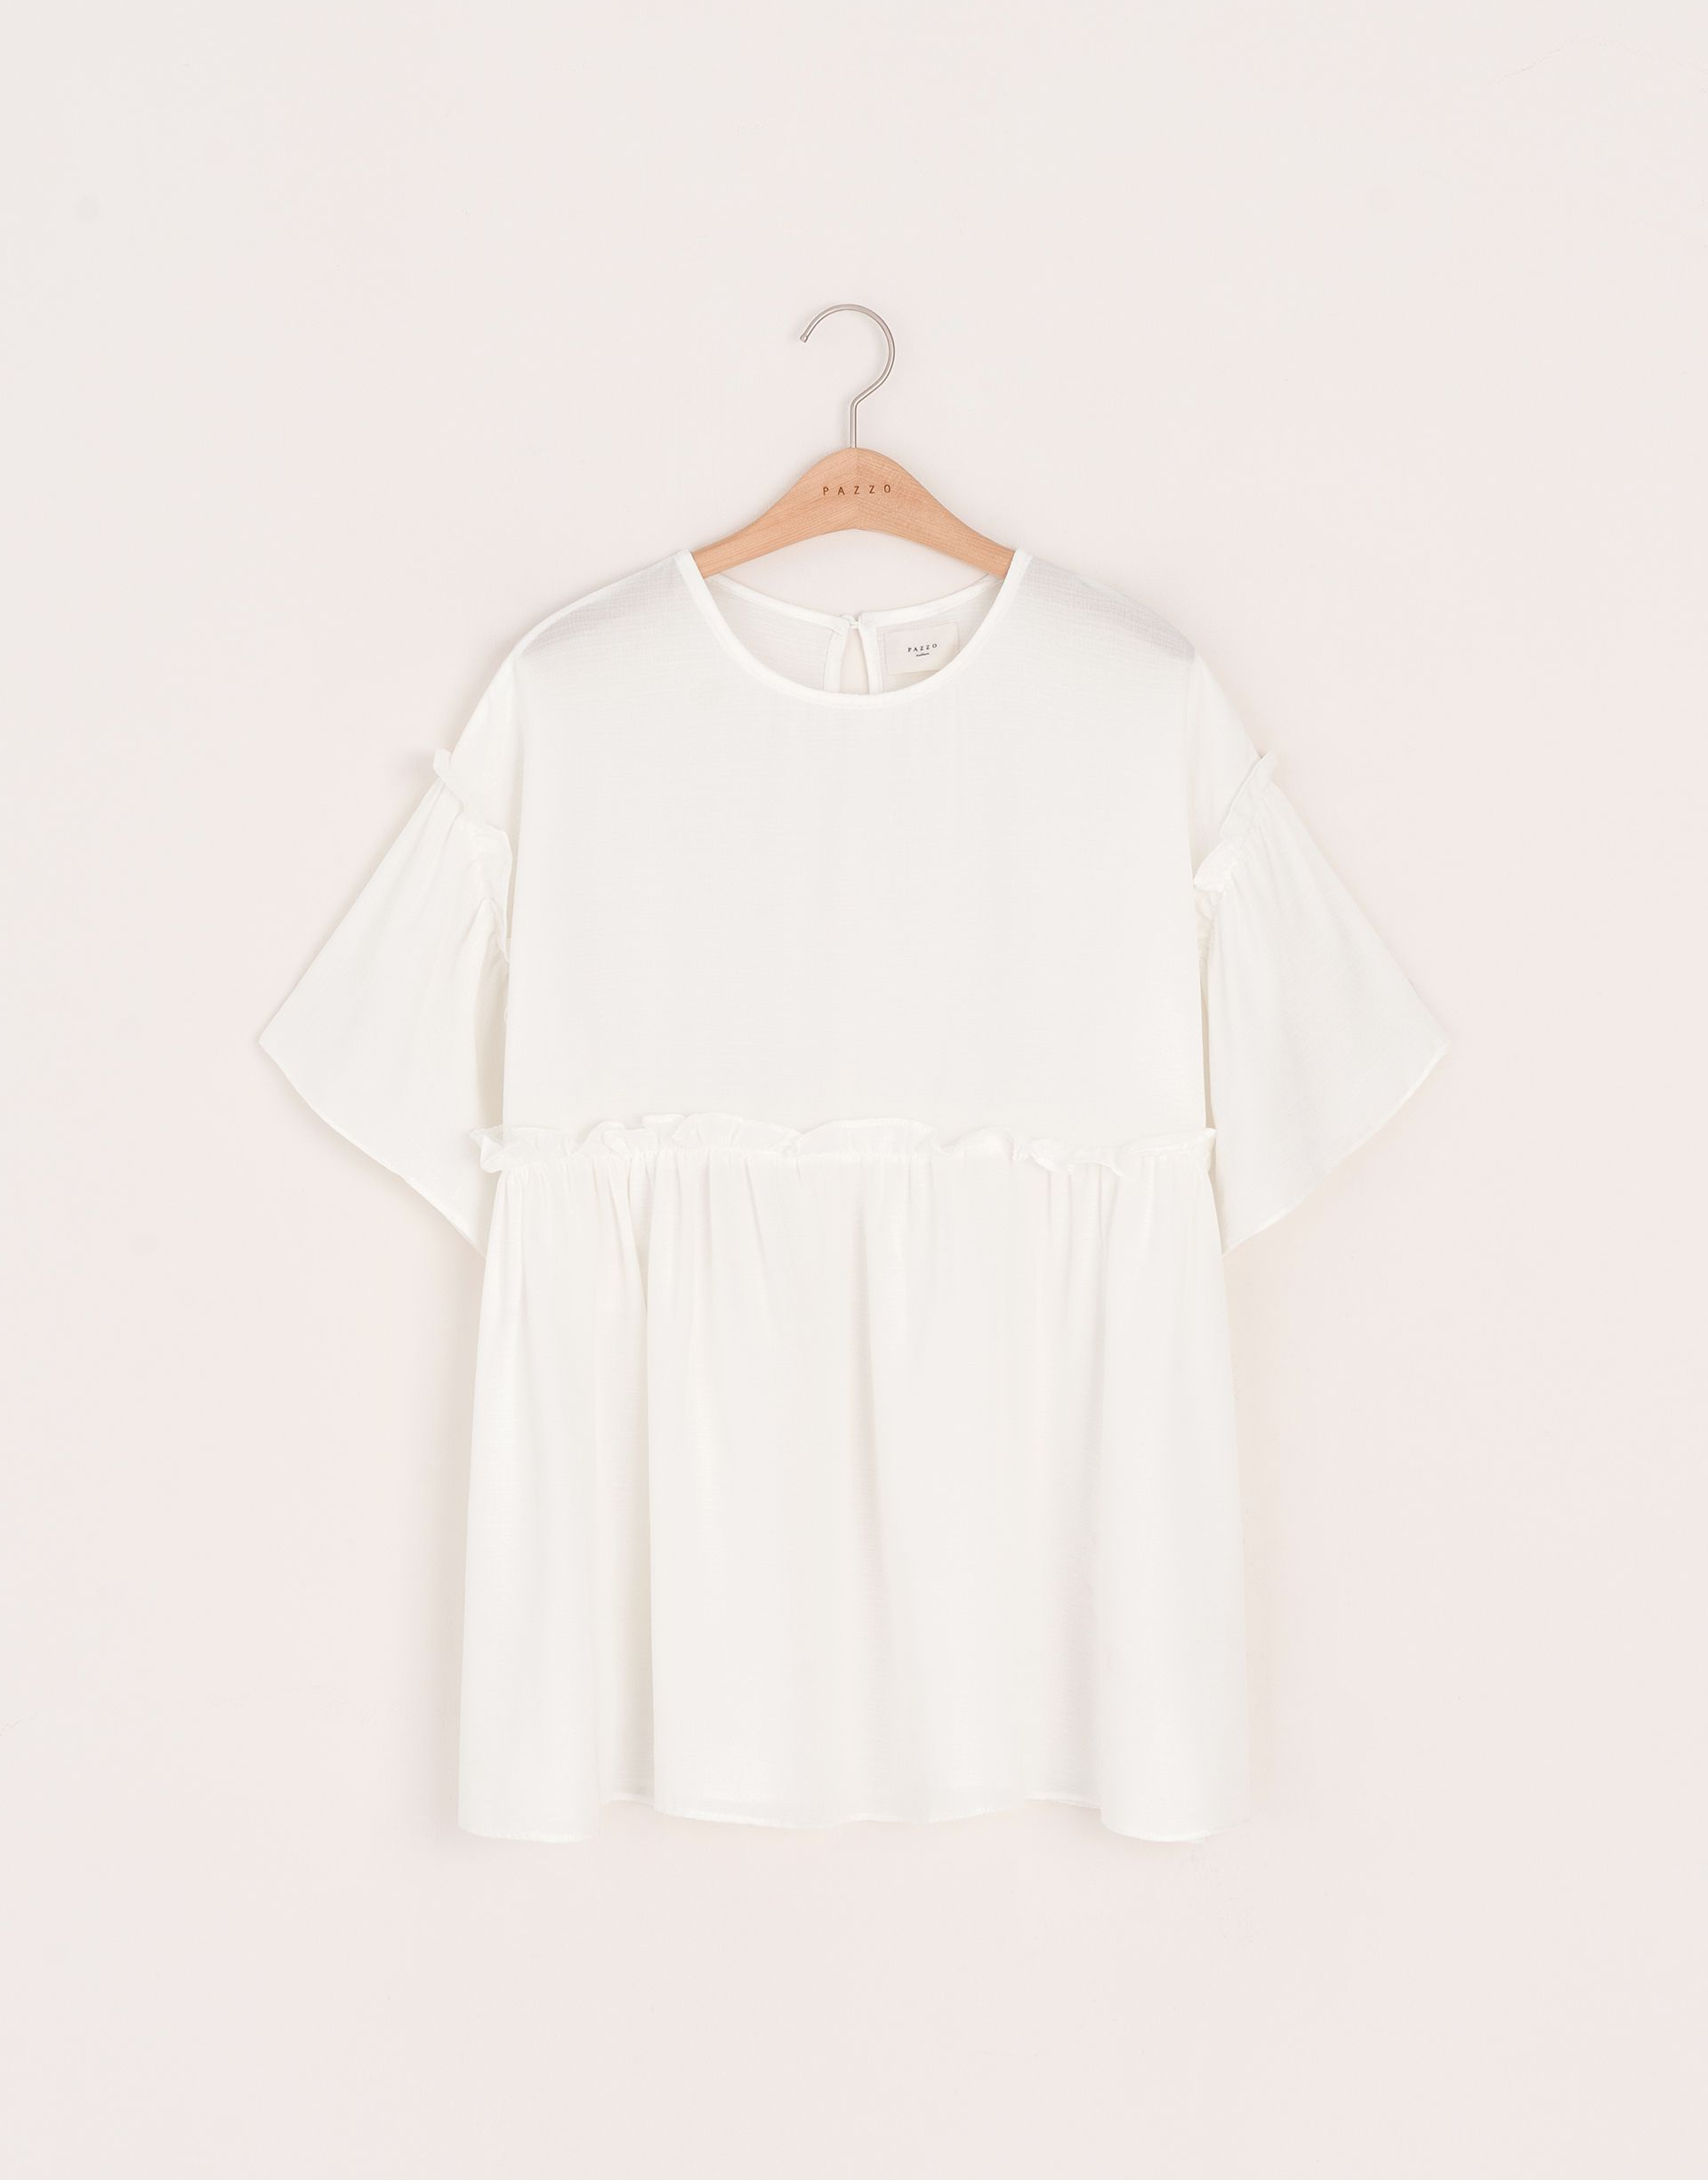 質感砰砰手感布料/腰部與袖子荷葉造型/後開水滴洞/淺色建議著內搭/無口袋